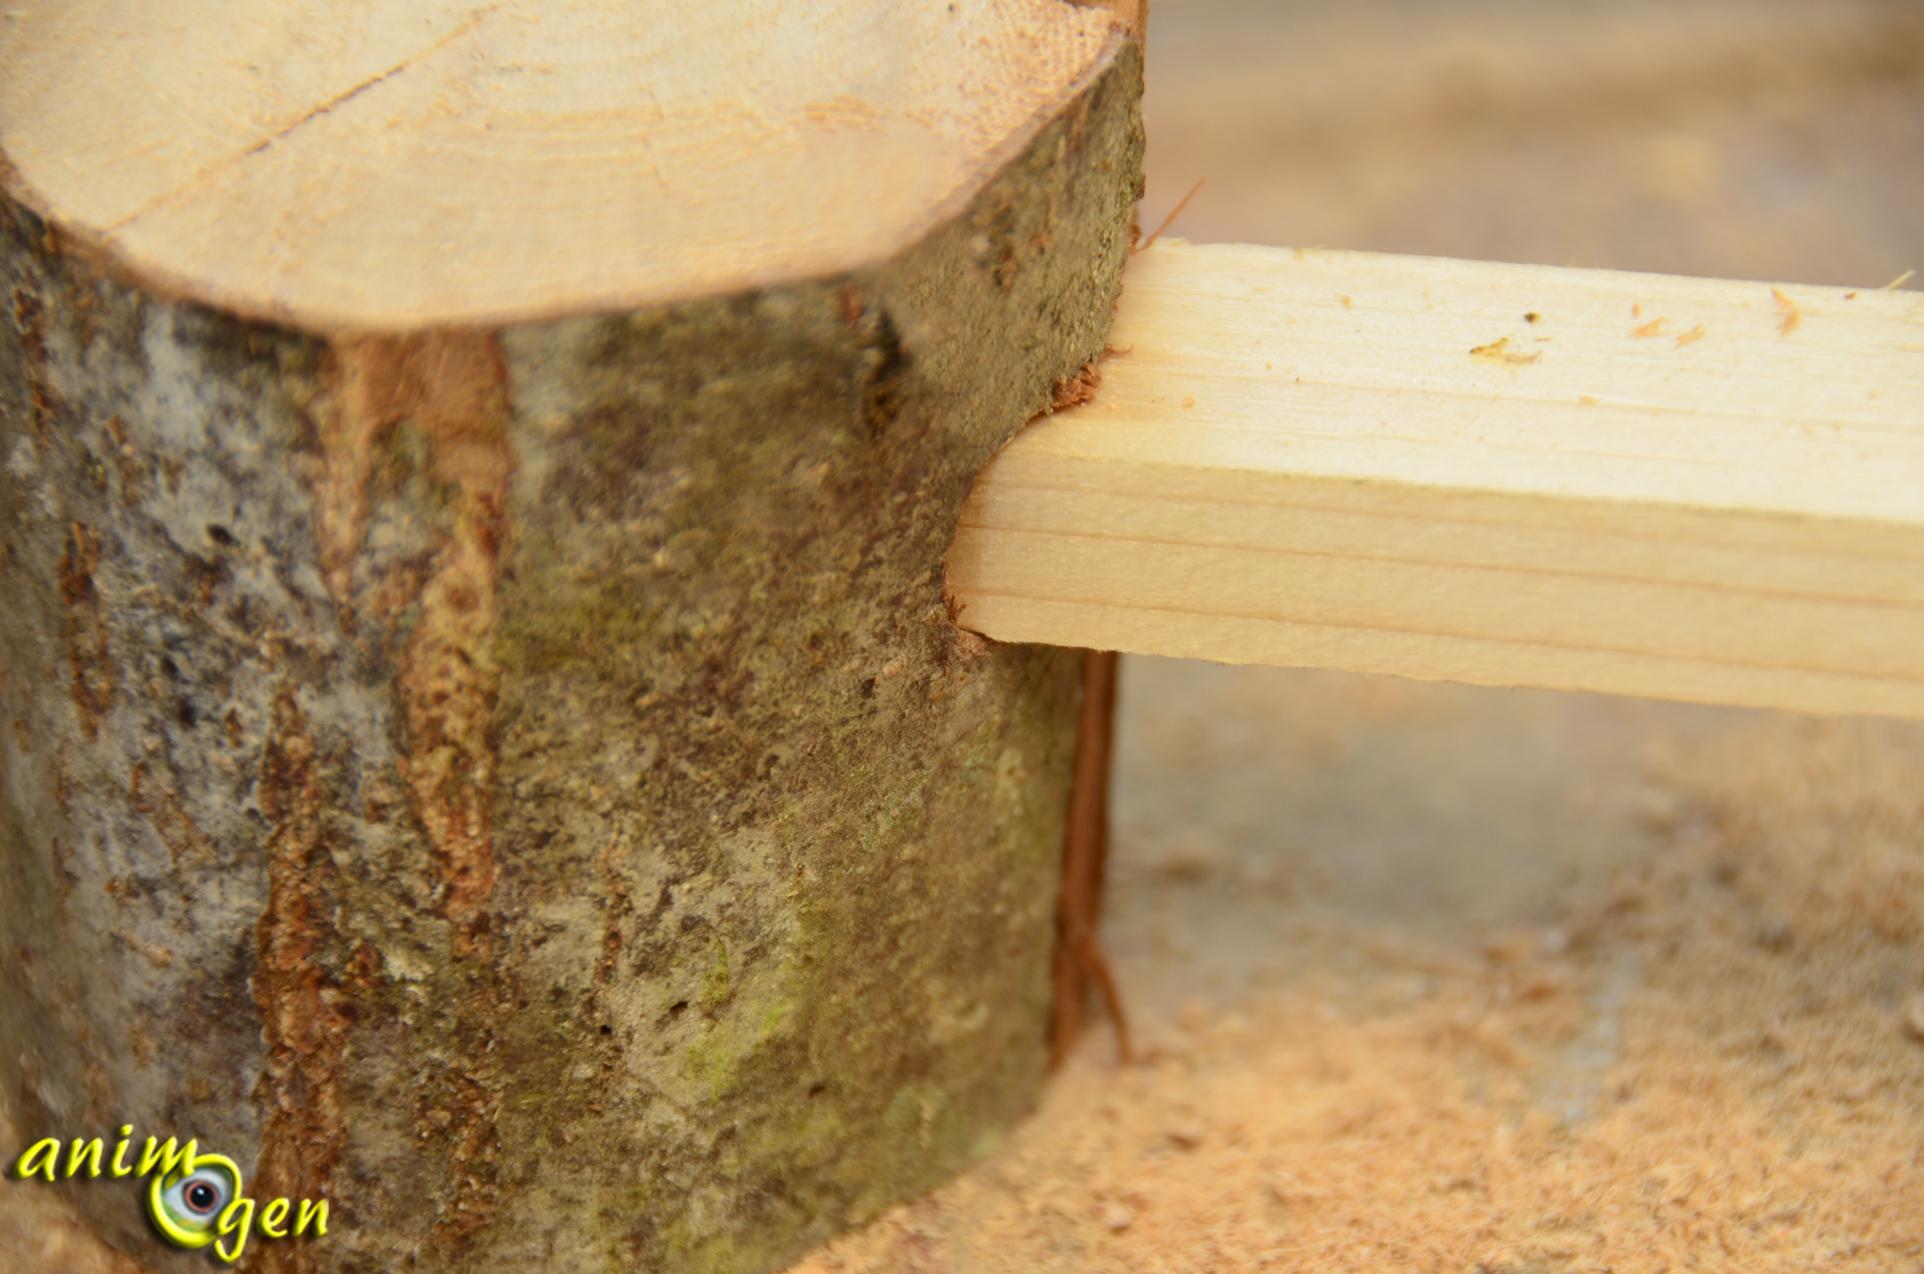 Accessoire fabriquer pour nos rongeurs passerelle sur - Fabriquer un chevalet pour couper le bois ...